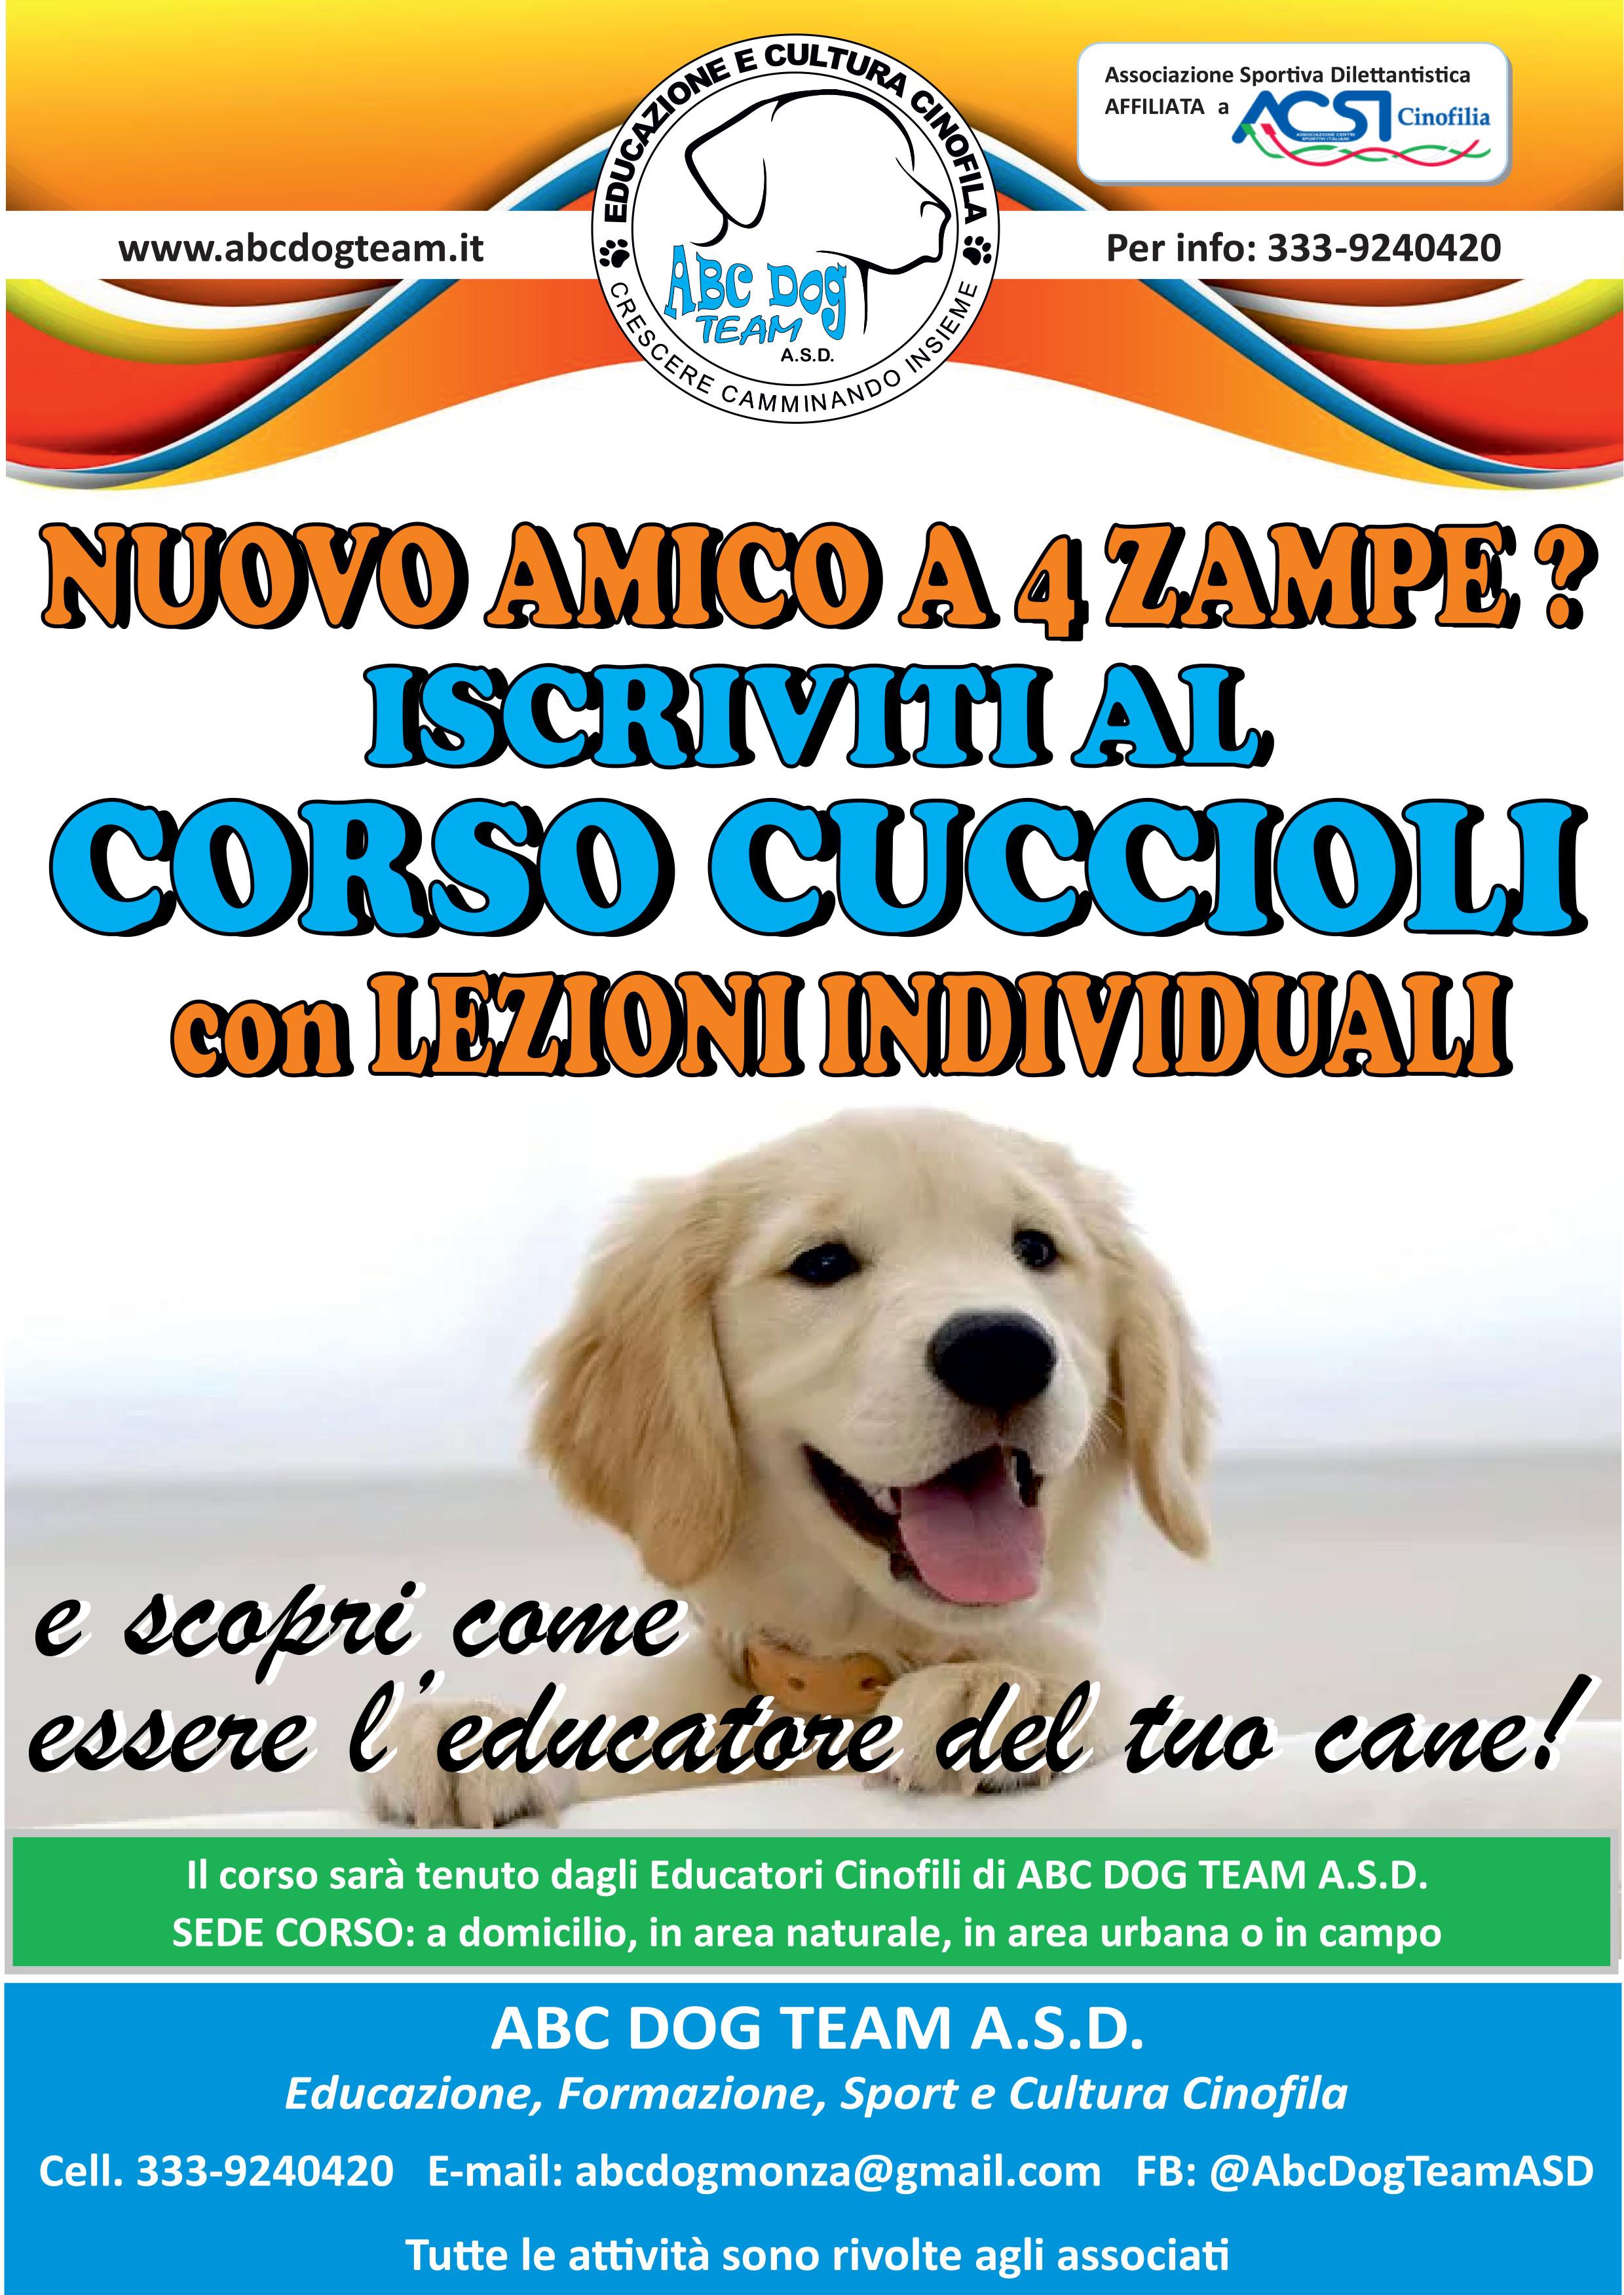 Abc Dog Team corso cuccioli 2019